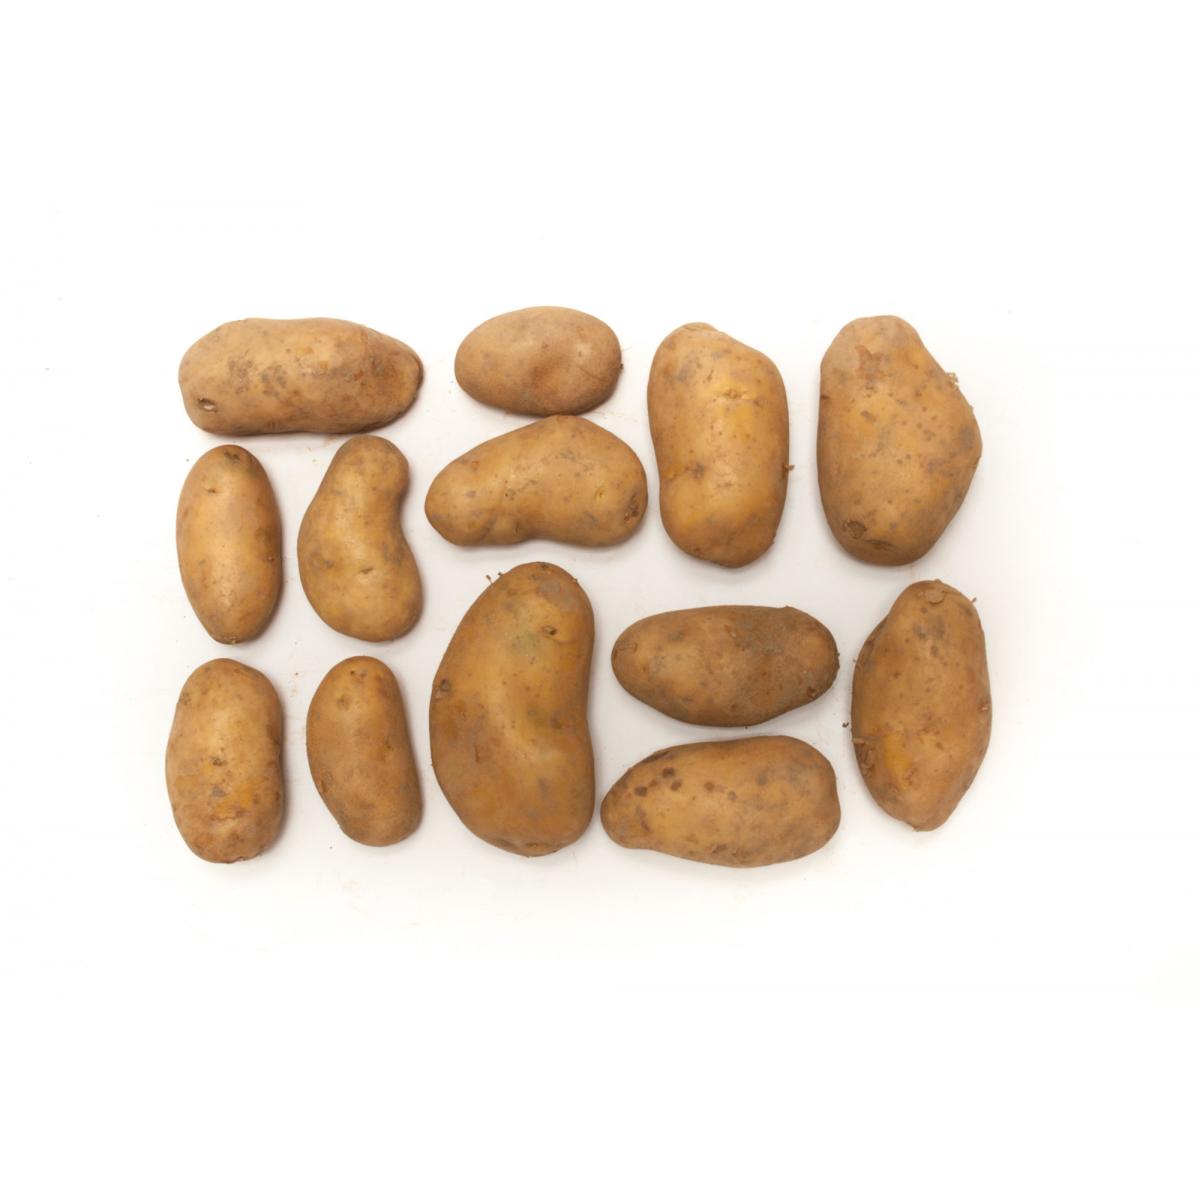 Lageraktion Bio-Kartoffeln festk. ungewaschen